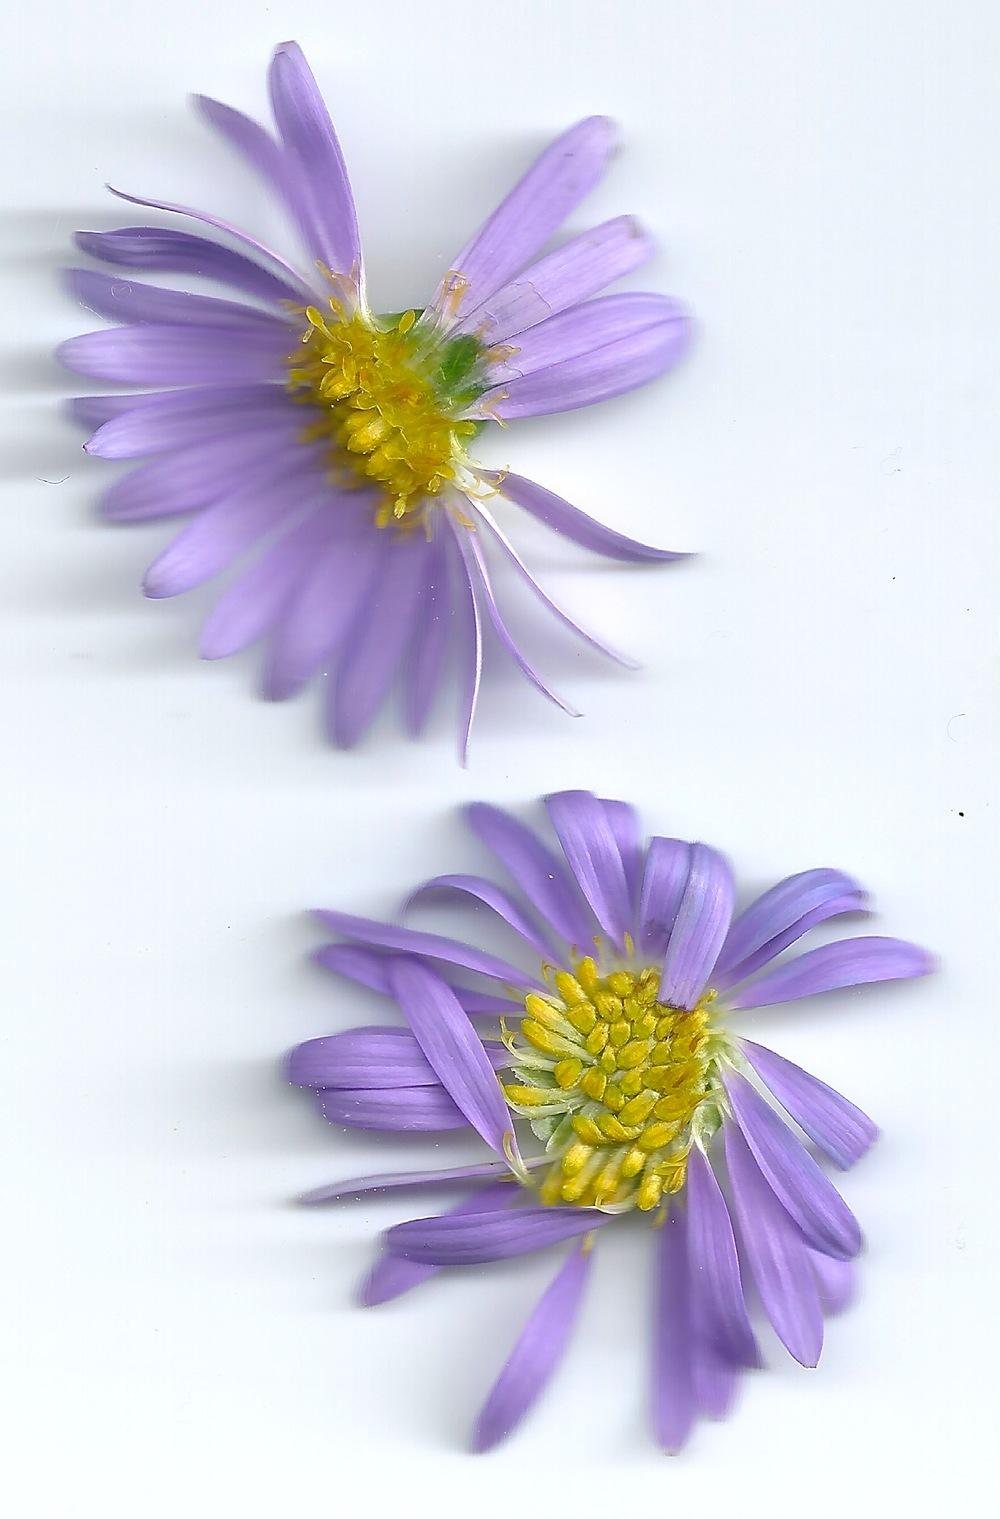 flowers 2 5.jpeg